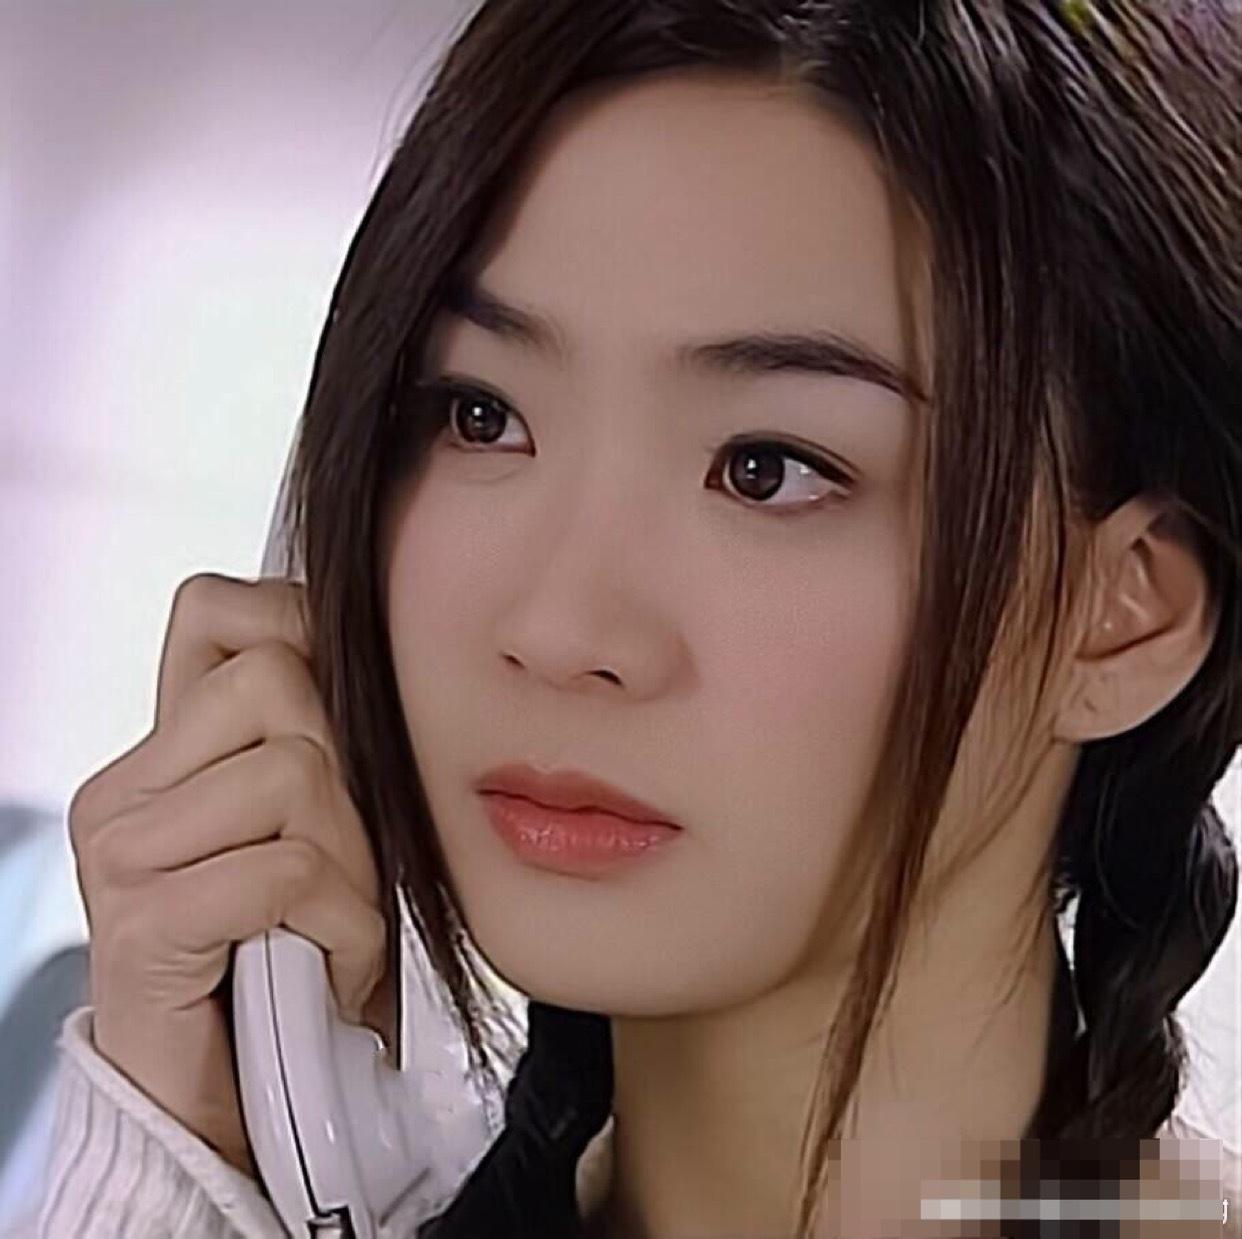 千年女配洪小玲虽然不火,不过年轻时出演欧雅若却成经典